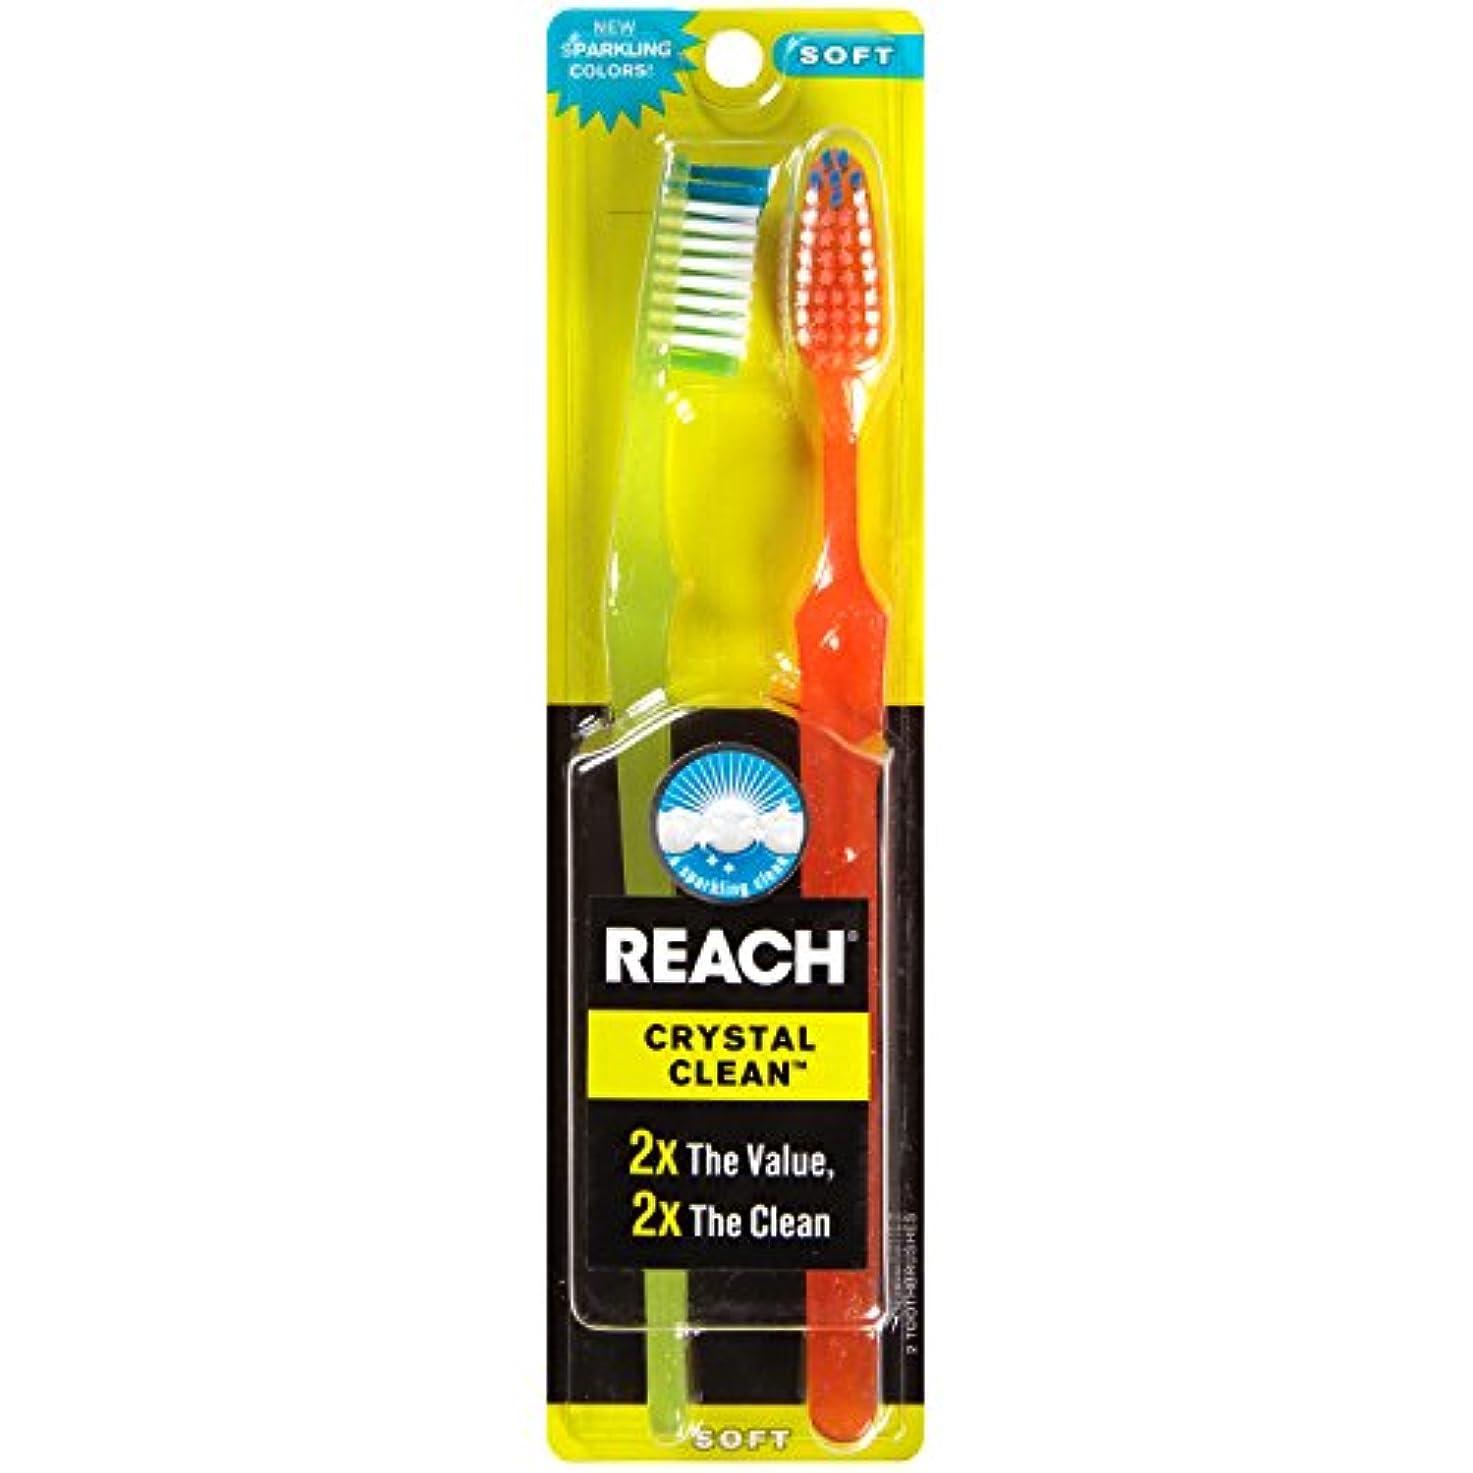 シリンダー野心飲料Reach Toothbrush Crystal Clean Soft Twin (6 Pieces) by Reach